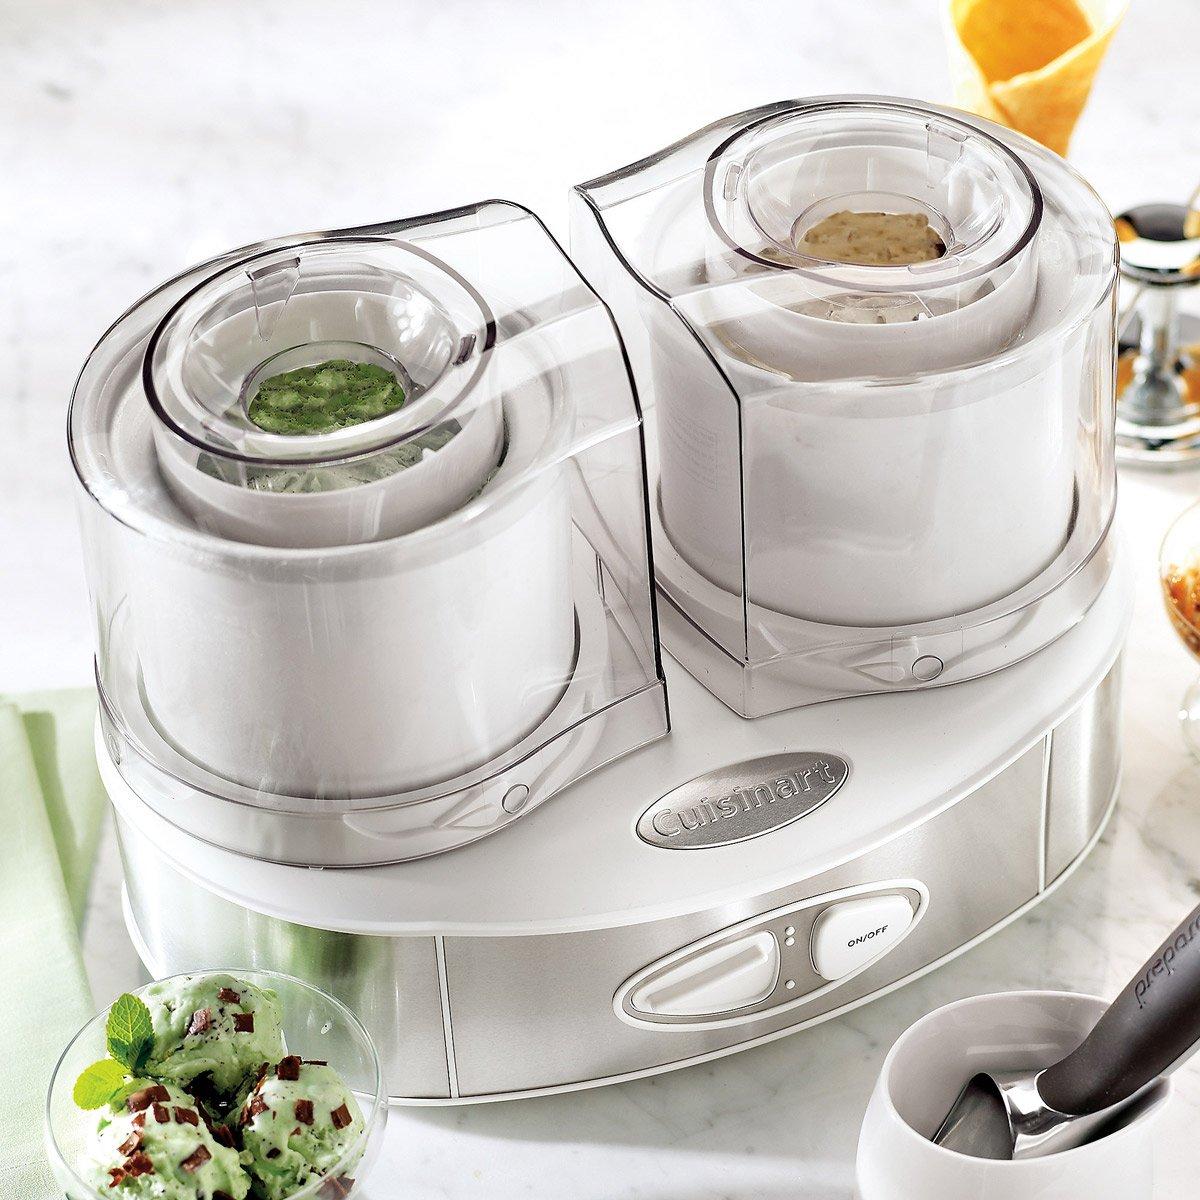 Cuisinart ice cream maker stainless steel - Cuisinart Flavor Duo Frozen Yogurt Ice Cream And Sorbet Maker